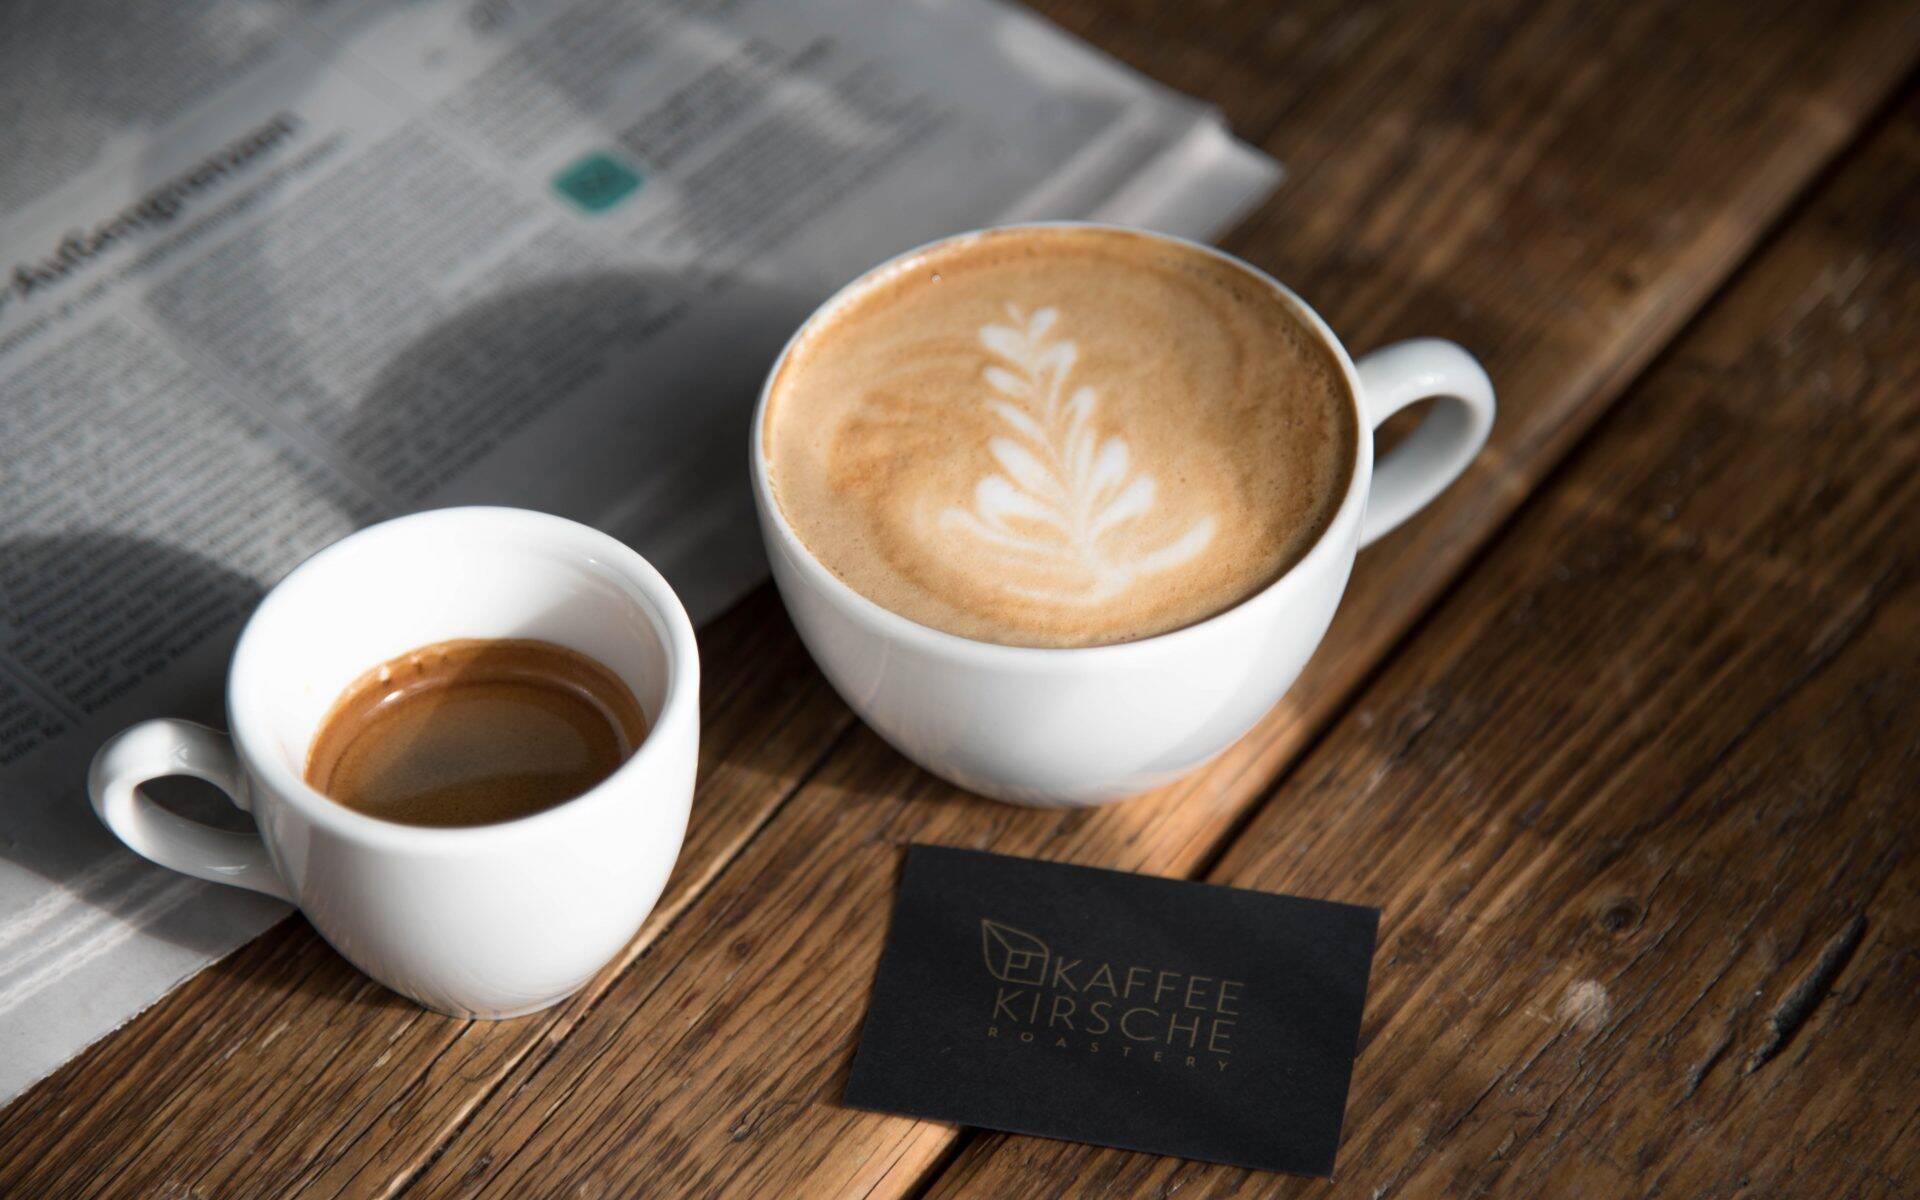 Kaffeekirsche Roastery Berlijn